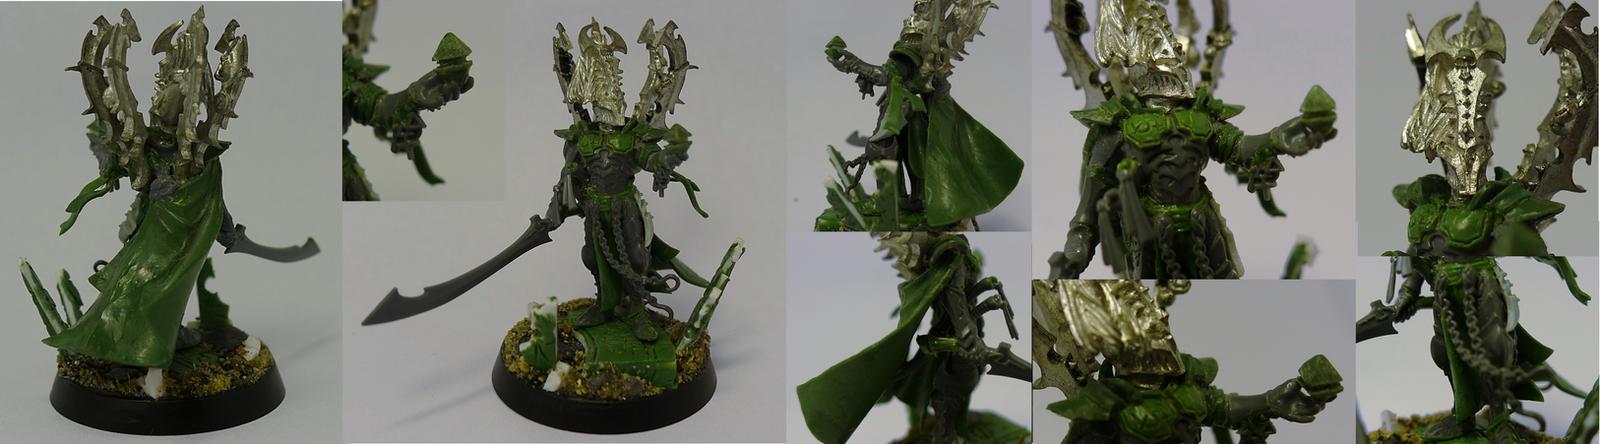 Dark Eldar - Archon by Grzybcof